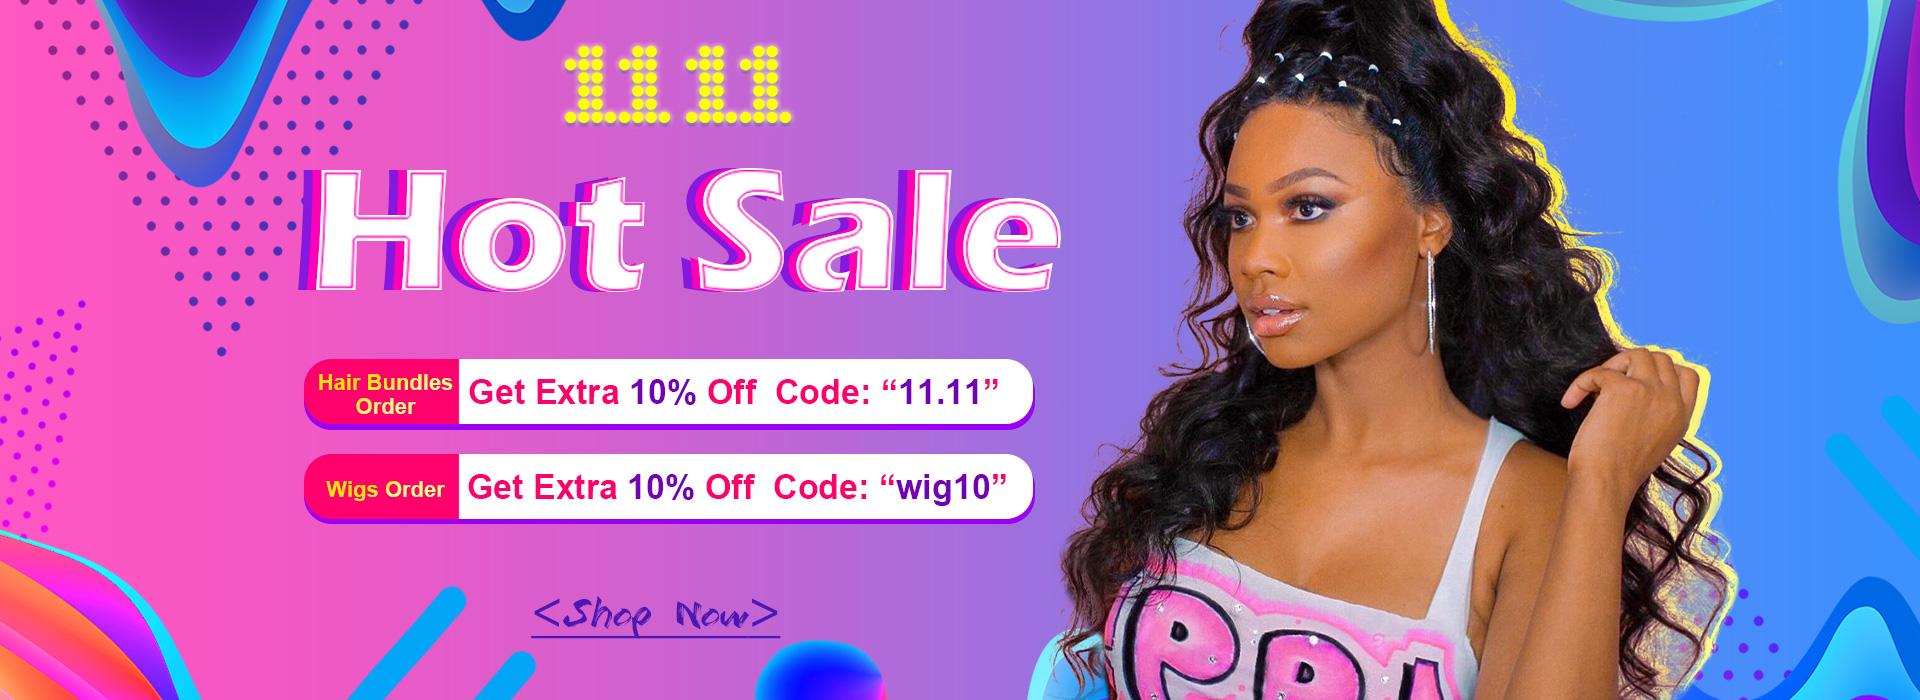 celie hair 11.11 sale